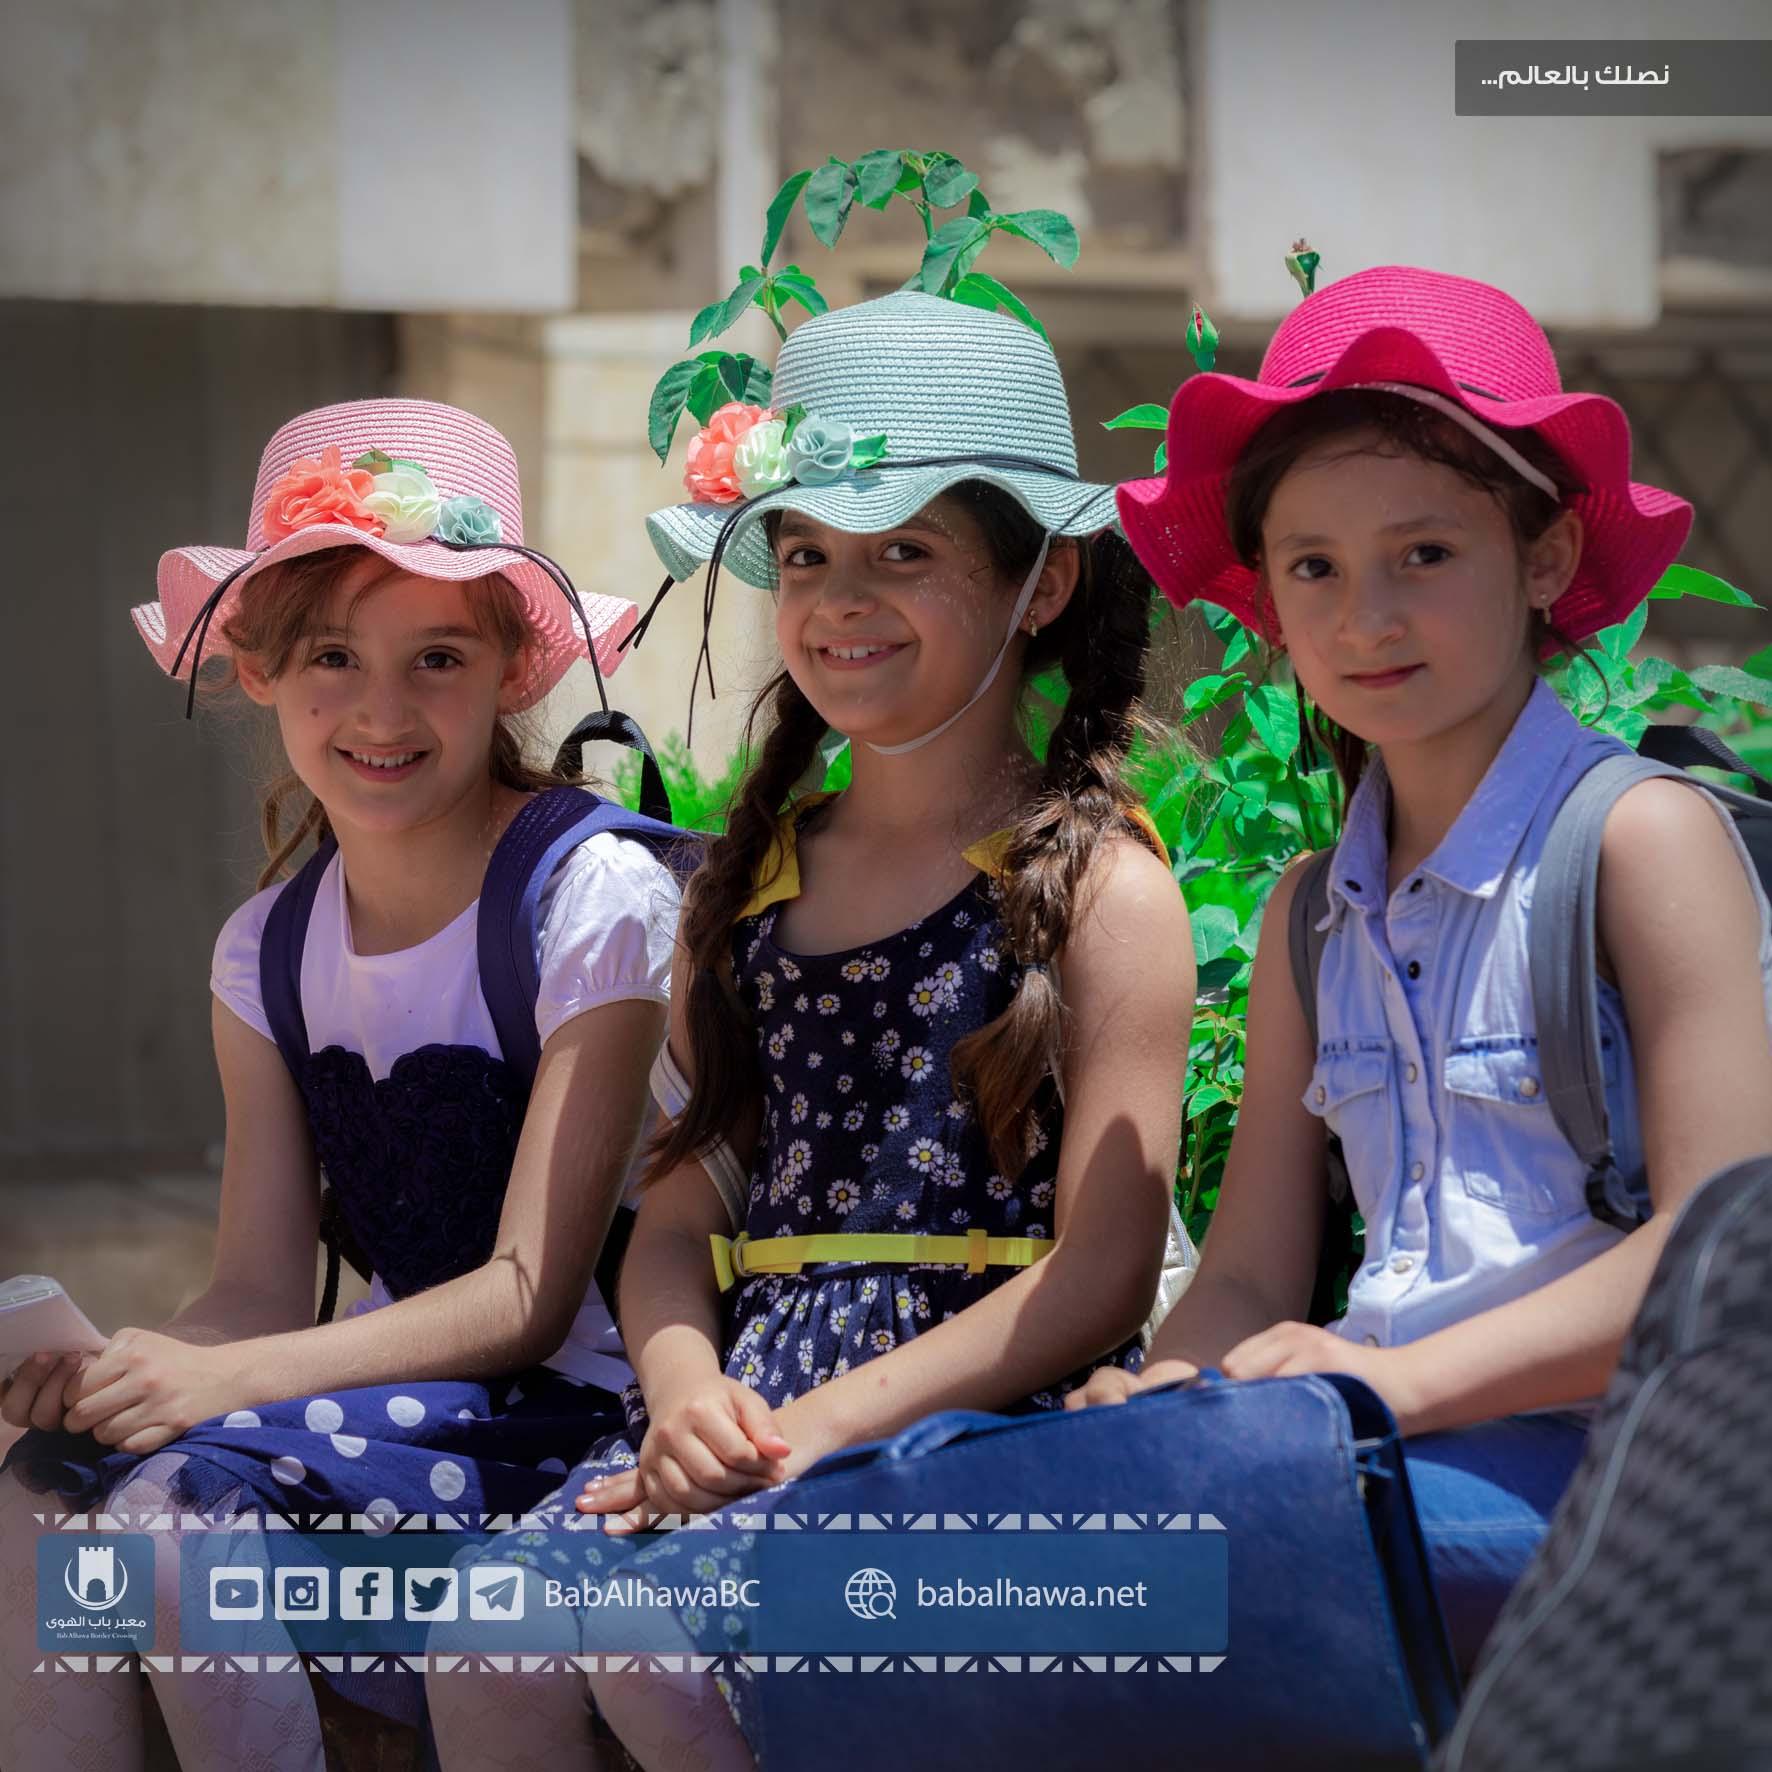 مسافرات في معبر باب الهوى سورية